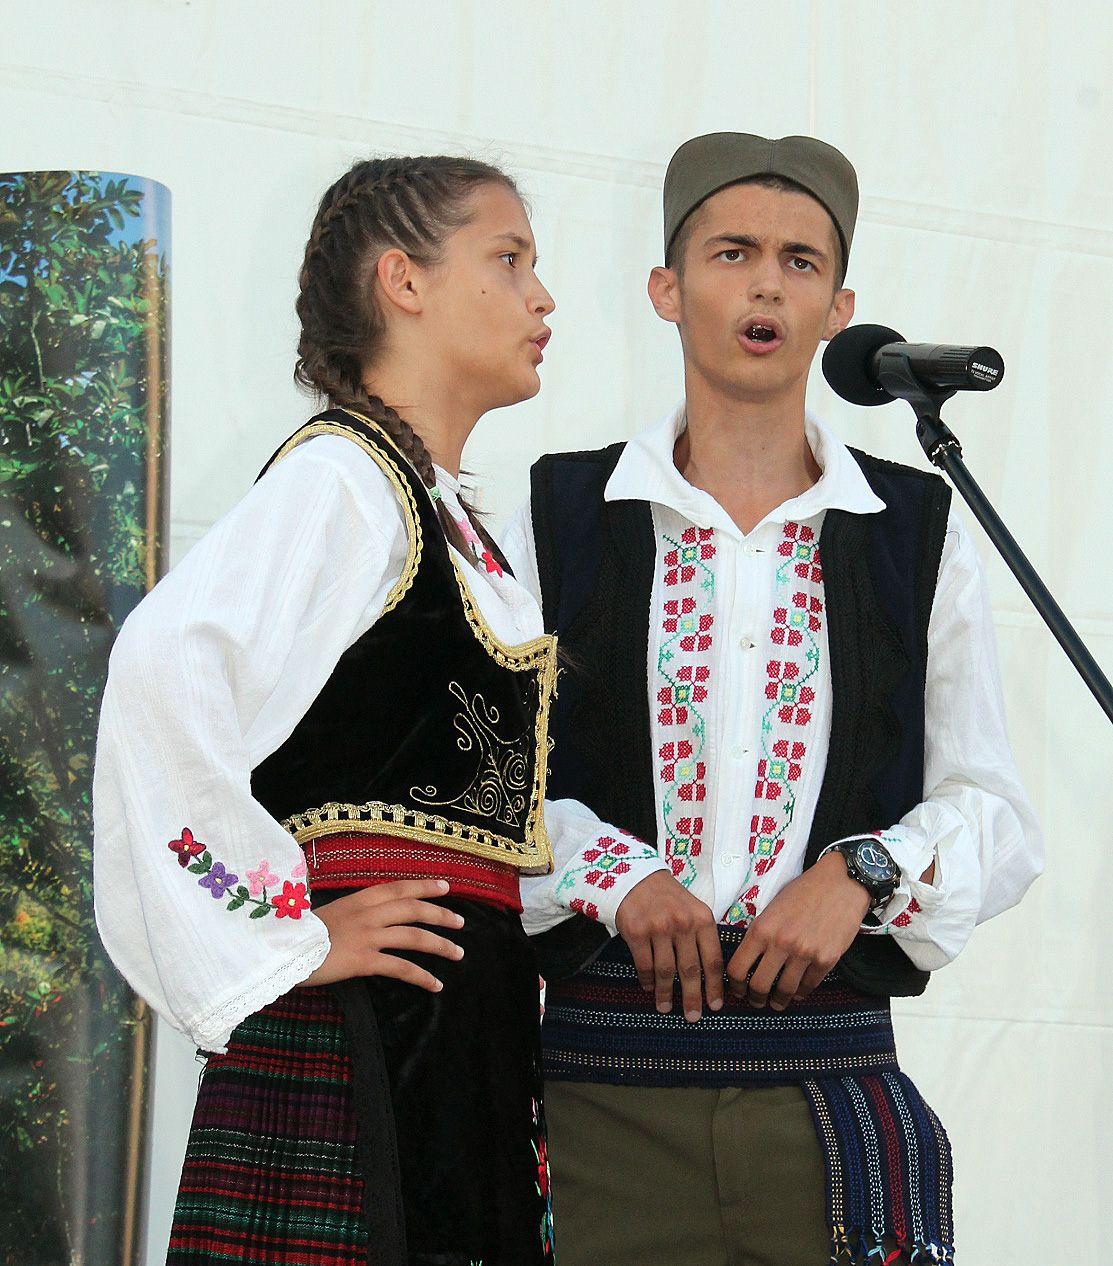 Сестра и брат Сара и Страхиња Цвијетић из Прибојске Бање - најбољи дечји дует